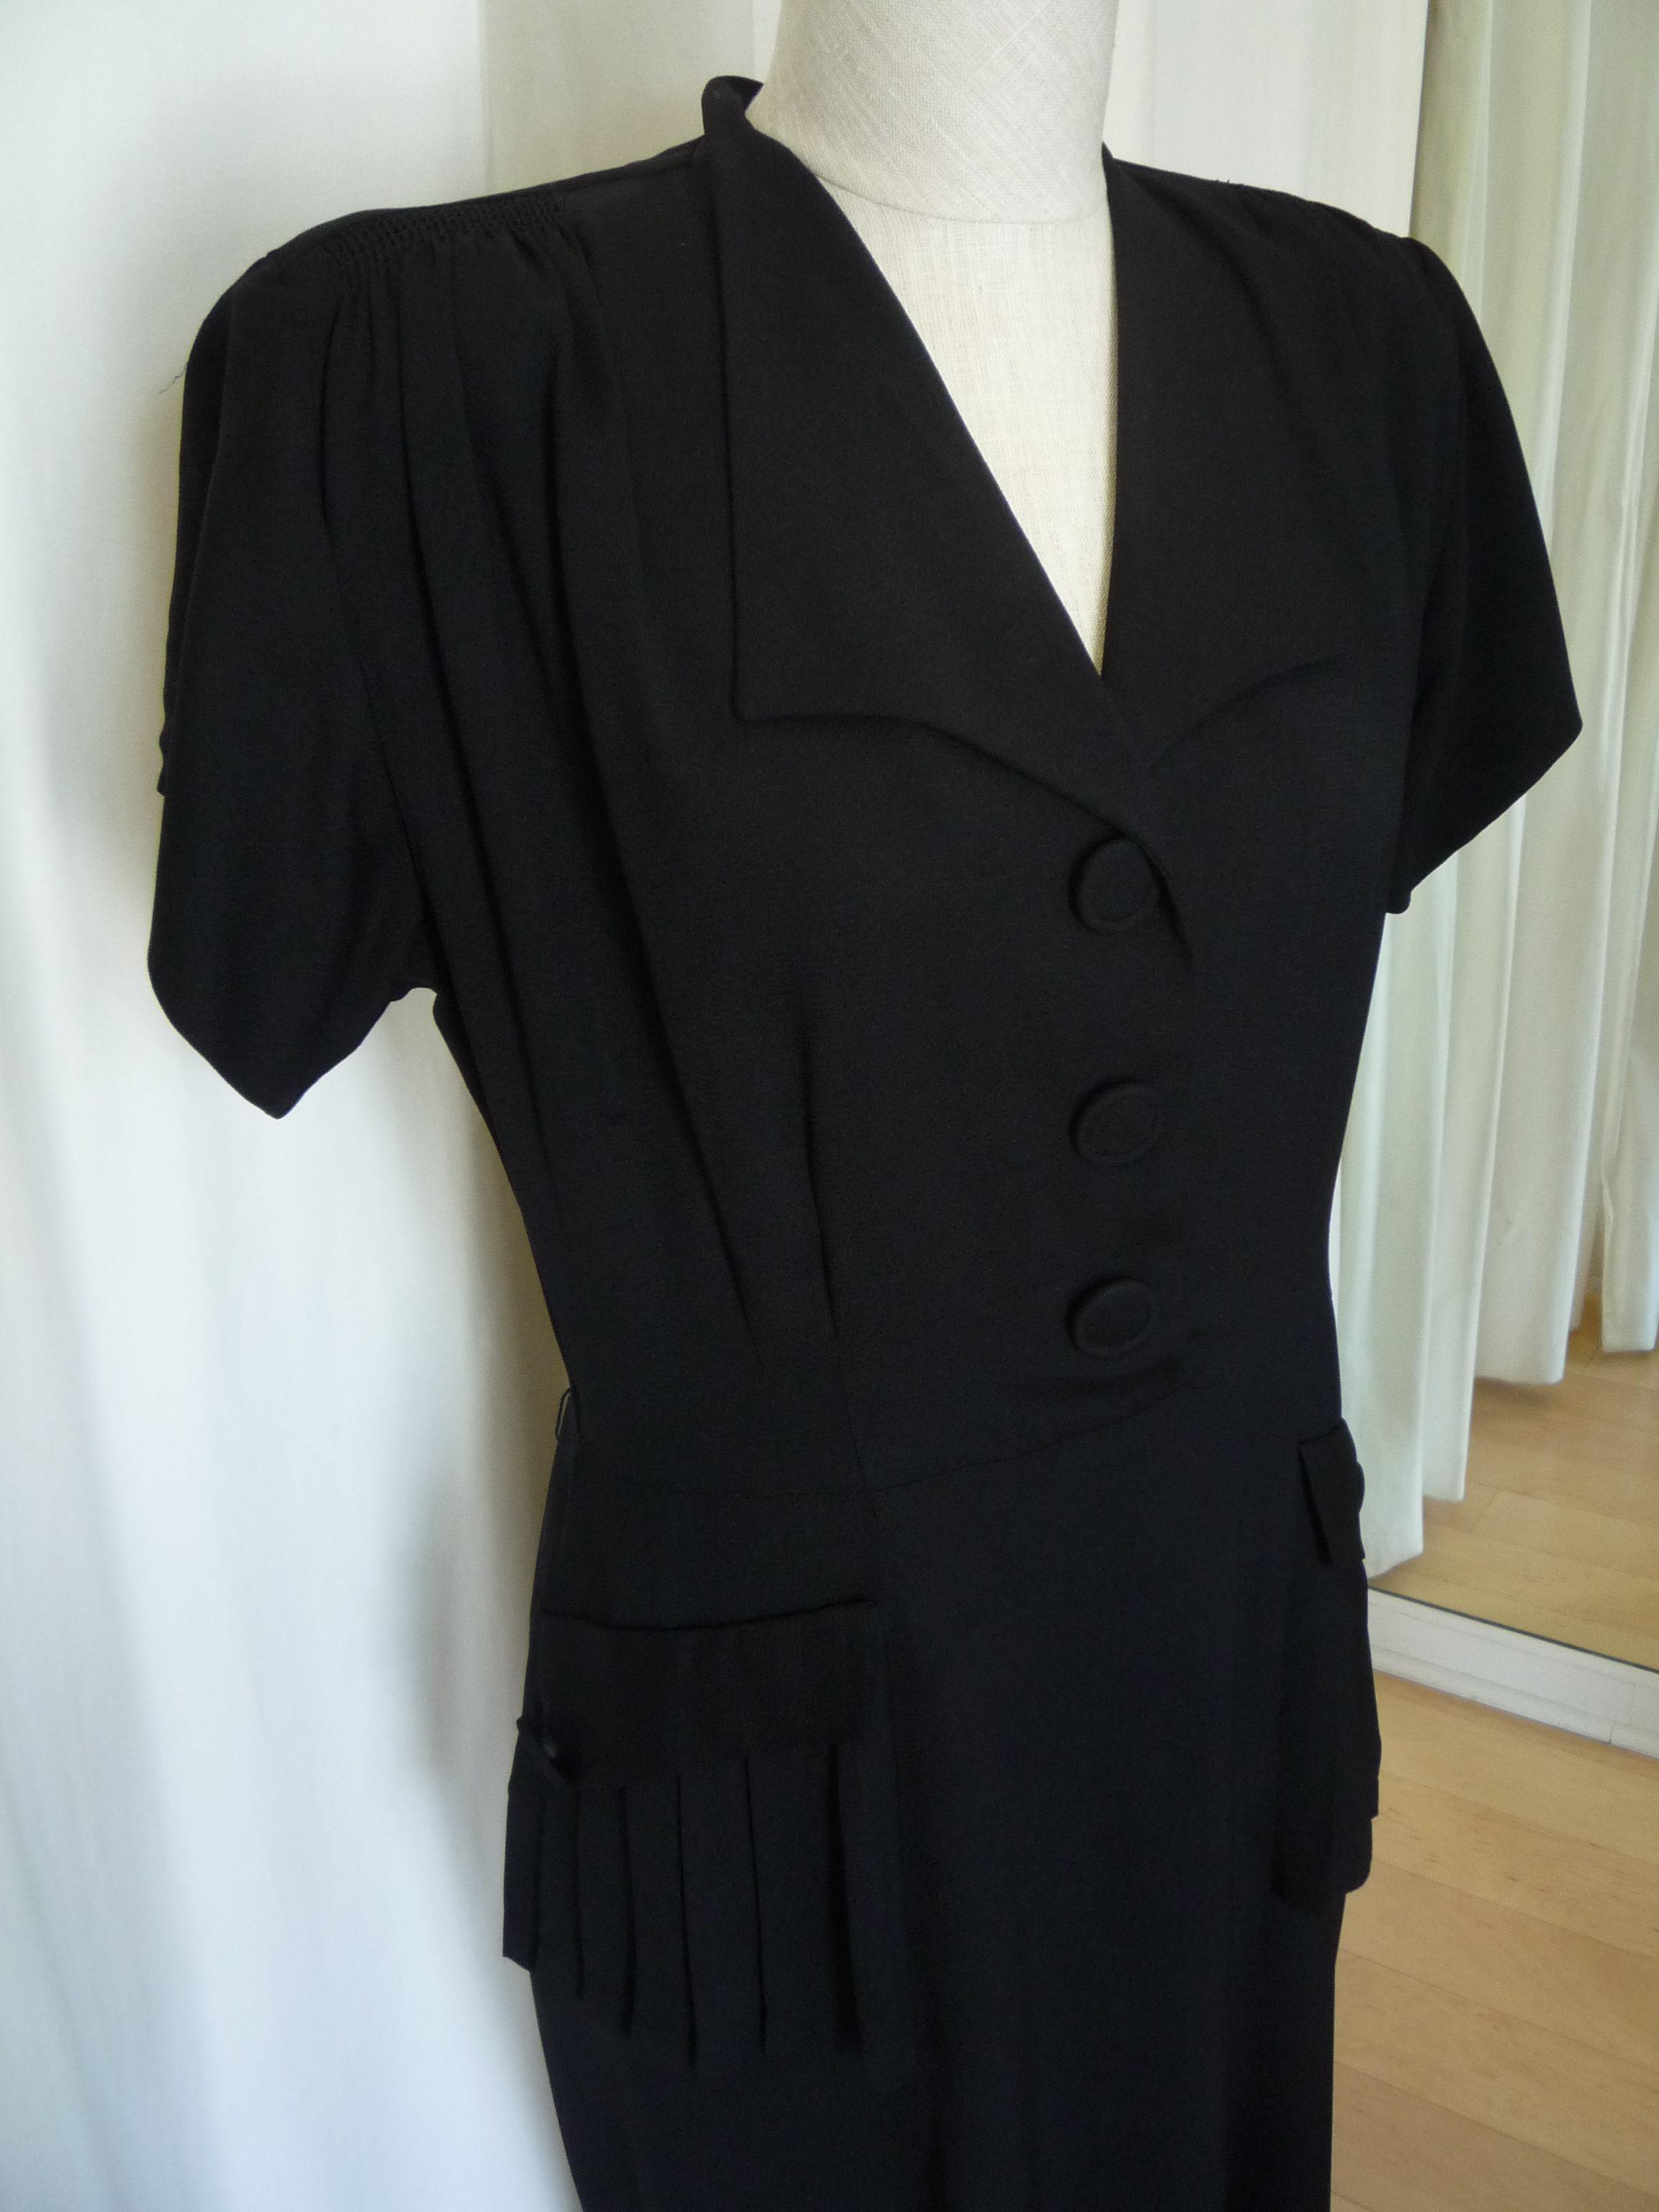 1940's style! https://www.etsy.com/ca/listing/192698762/vintage-black-crepe-short-sleeved-dress?ref=listing-shop-header-2